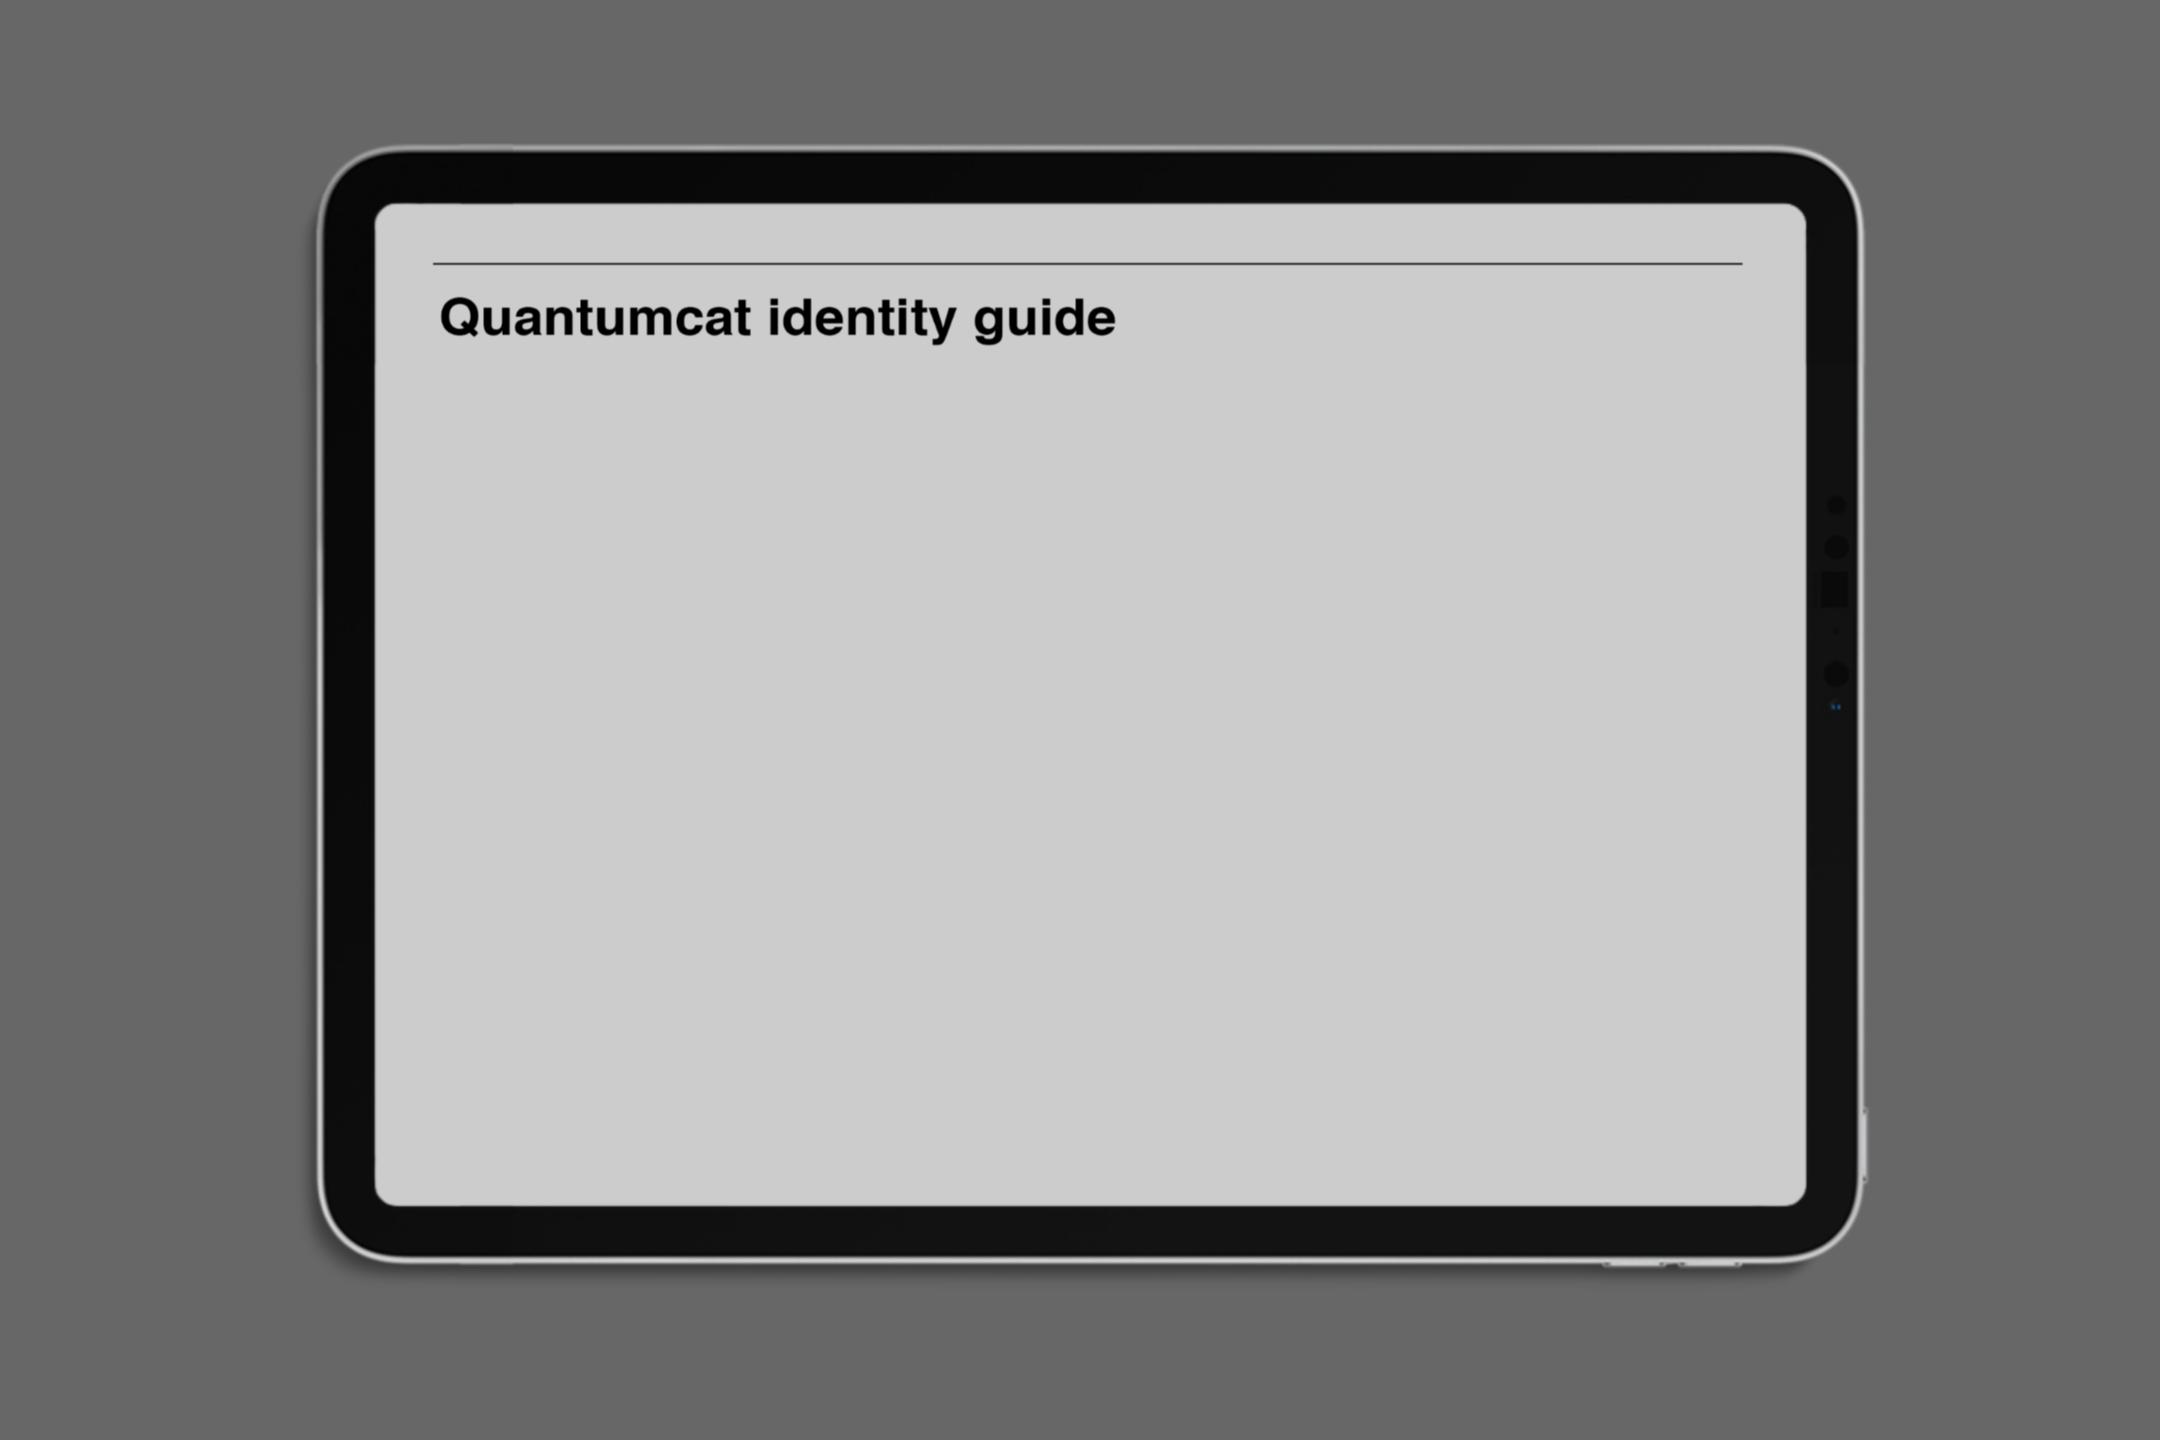 Quantumcat-identity-guide-Daniel-Cavalcanti